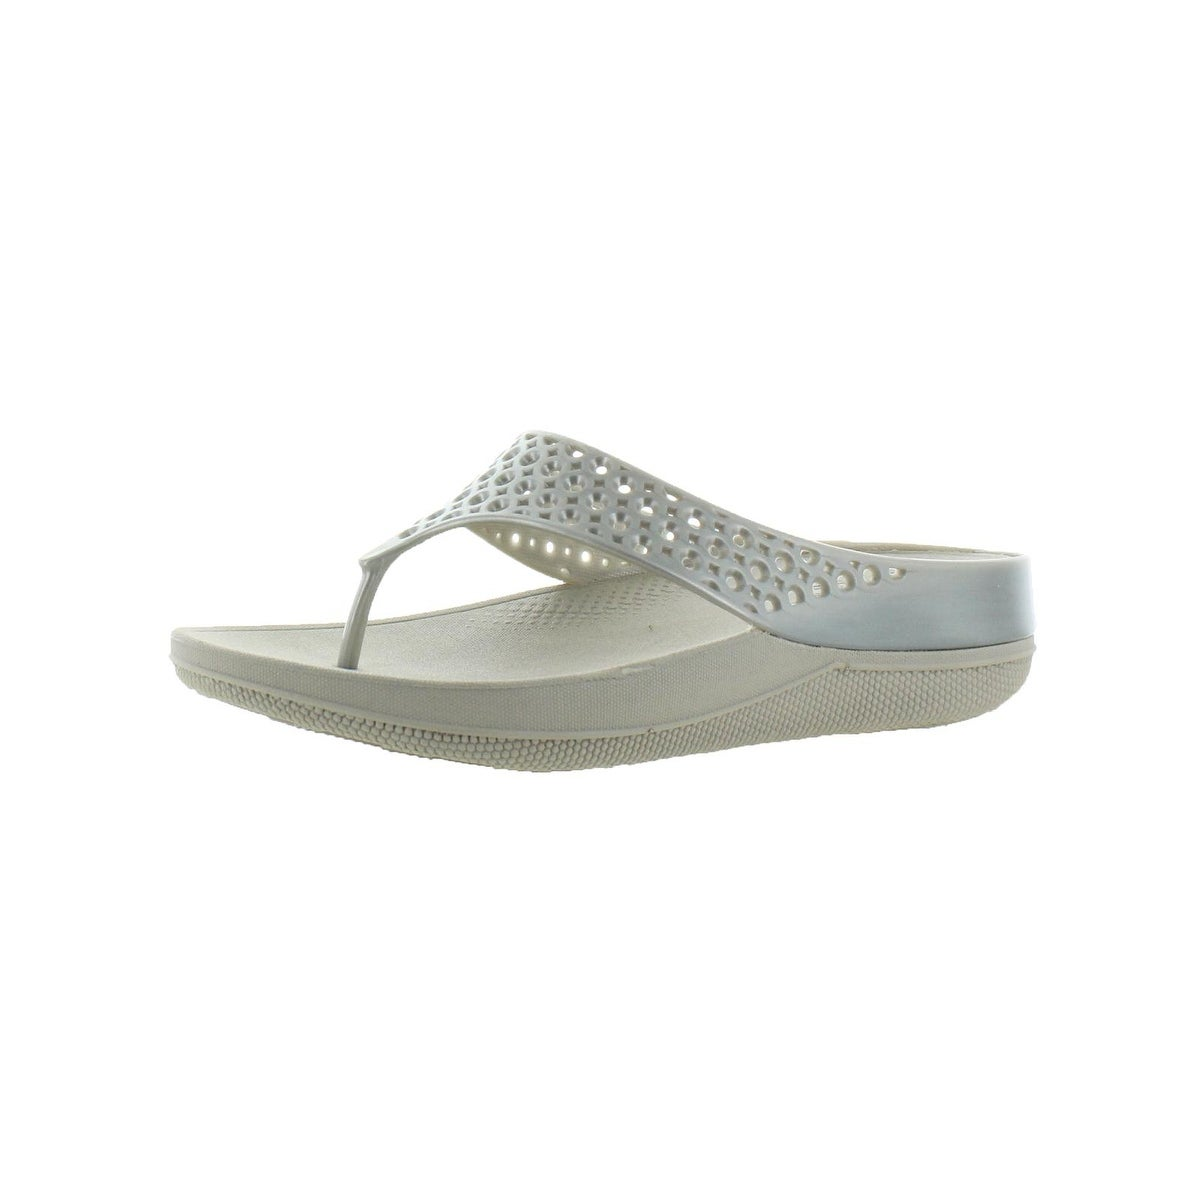 269510ebcdb9 Buy FitFlop Women s Sandals Online at Overstock